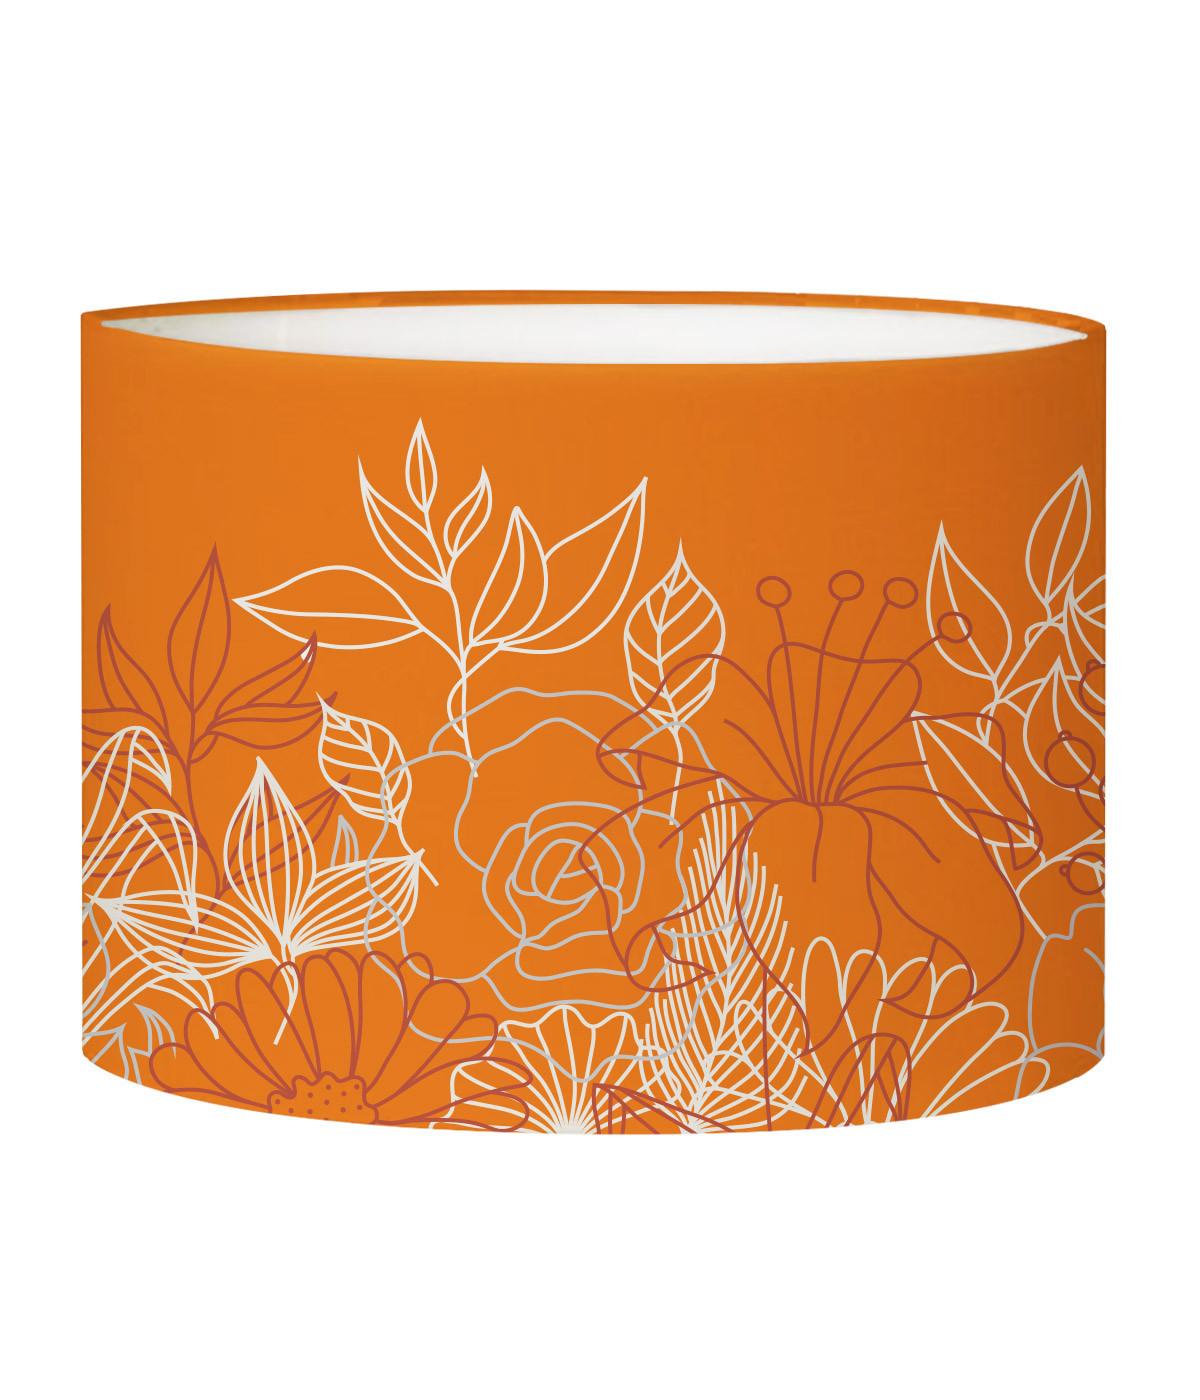 Abat-jour Lampadaire Bouquet Mandarine D 45 x H 25